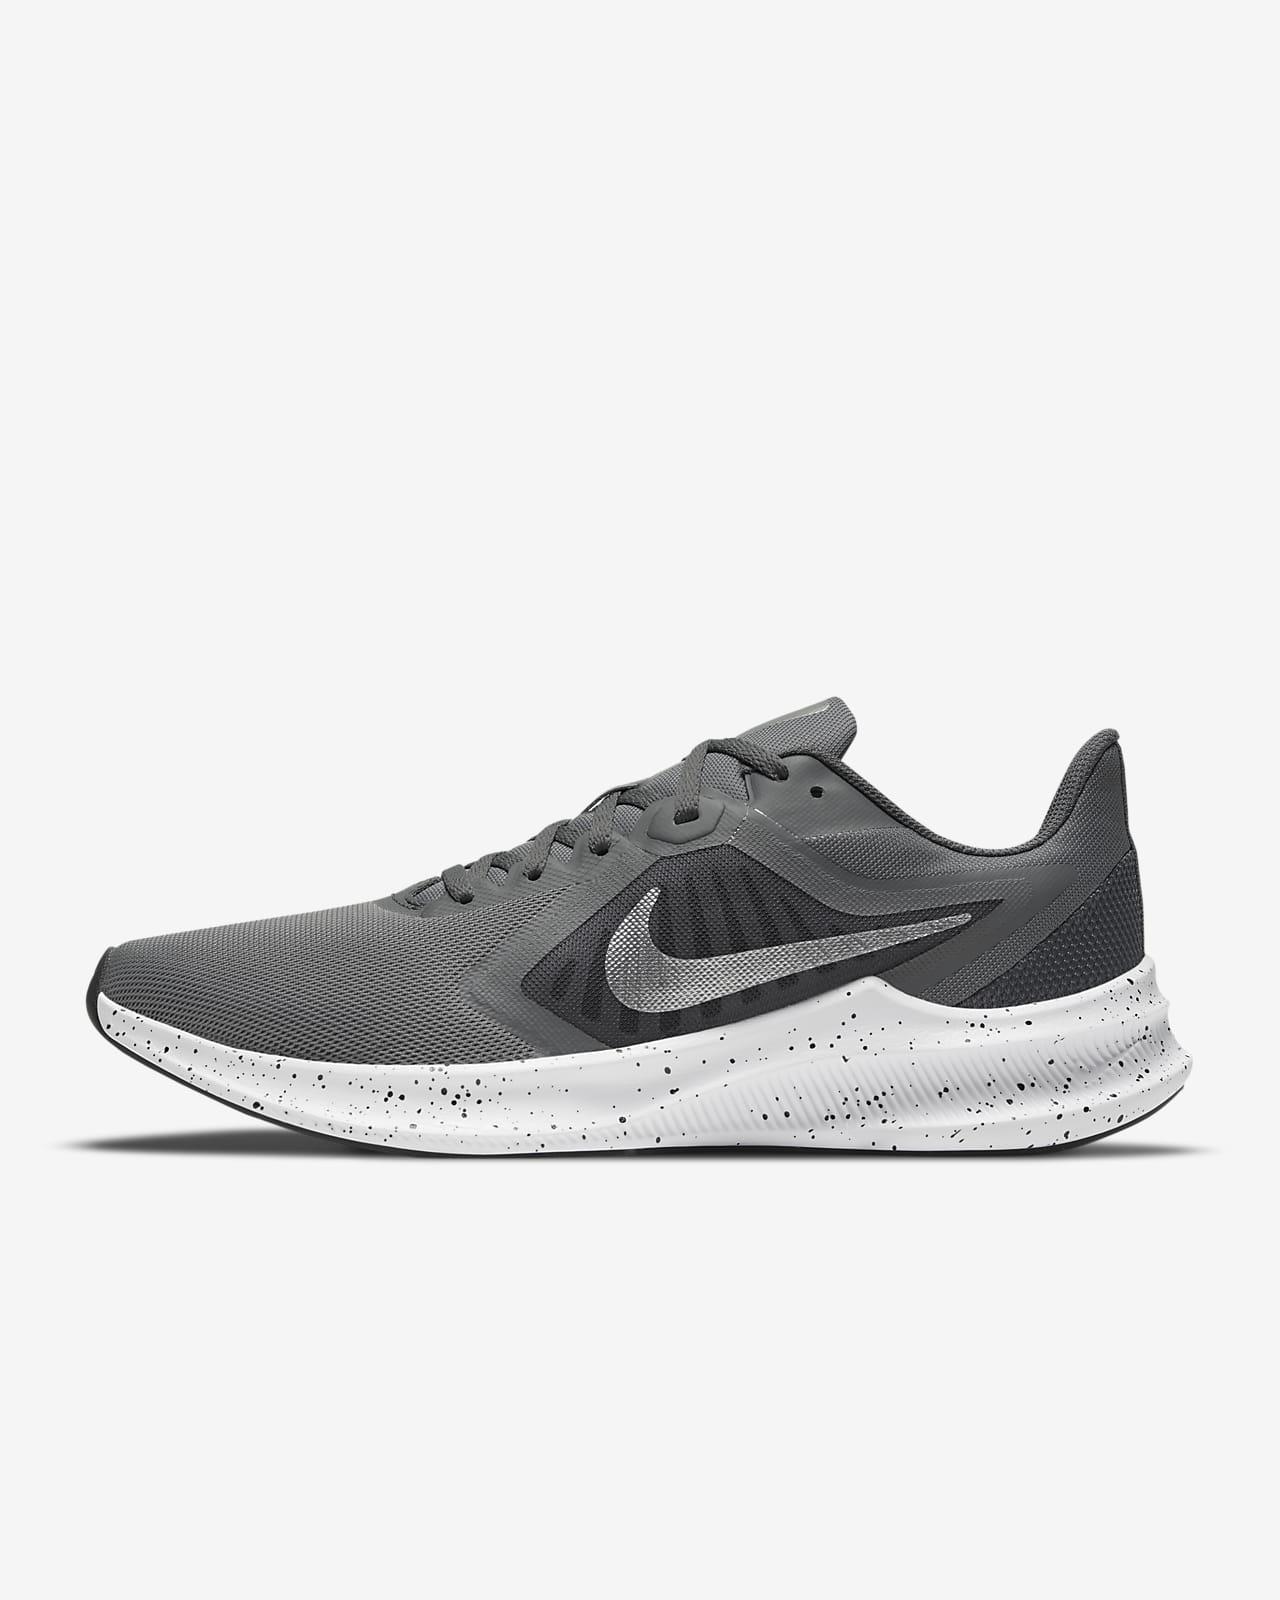 รองเท้าวิ่ง Nike Downshifter 10 Premium